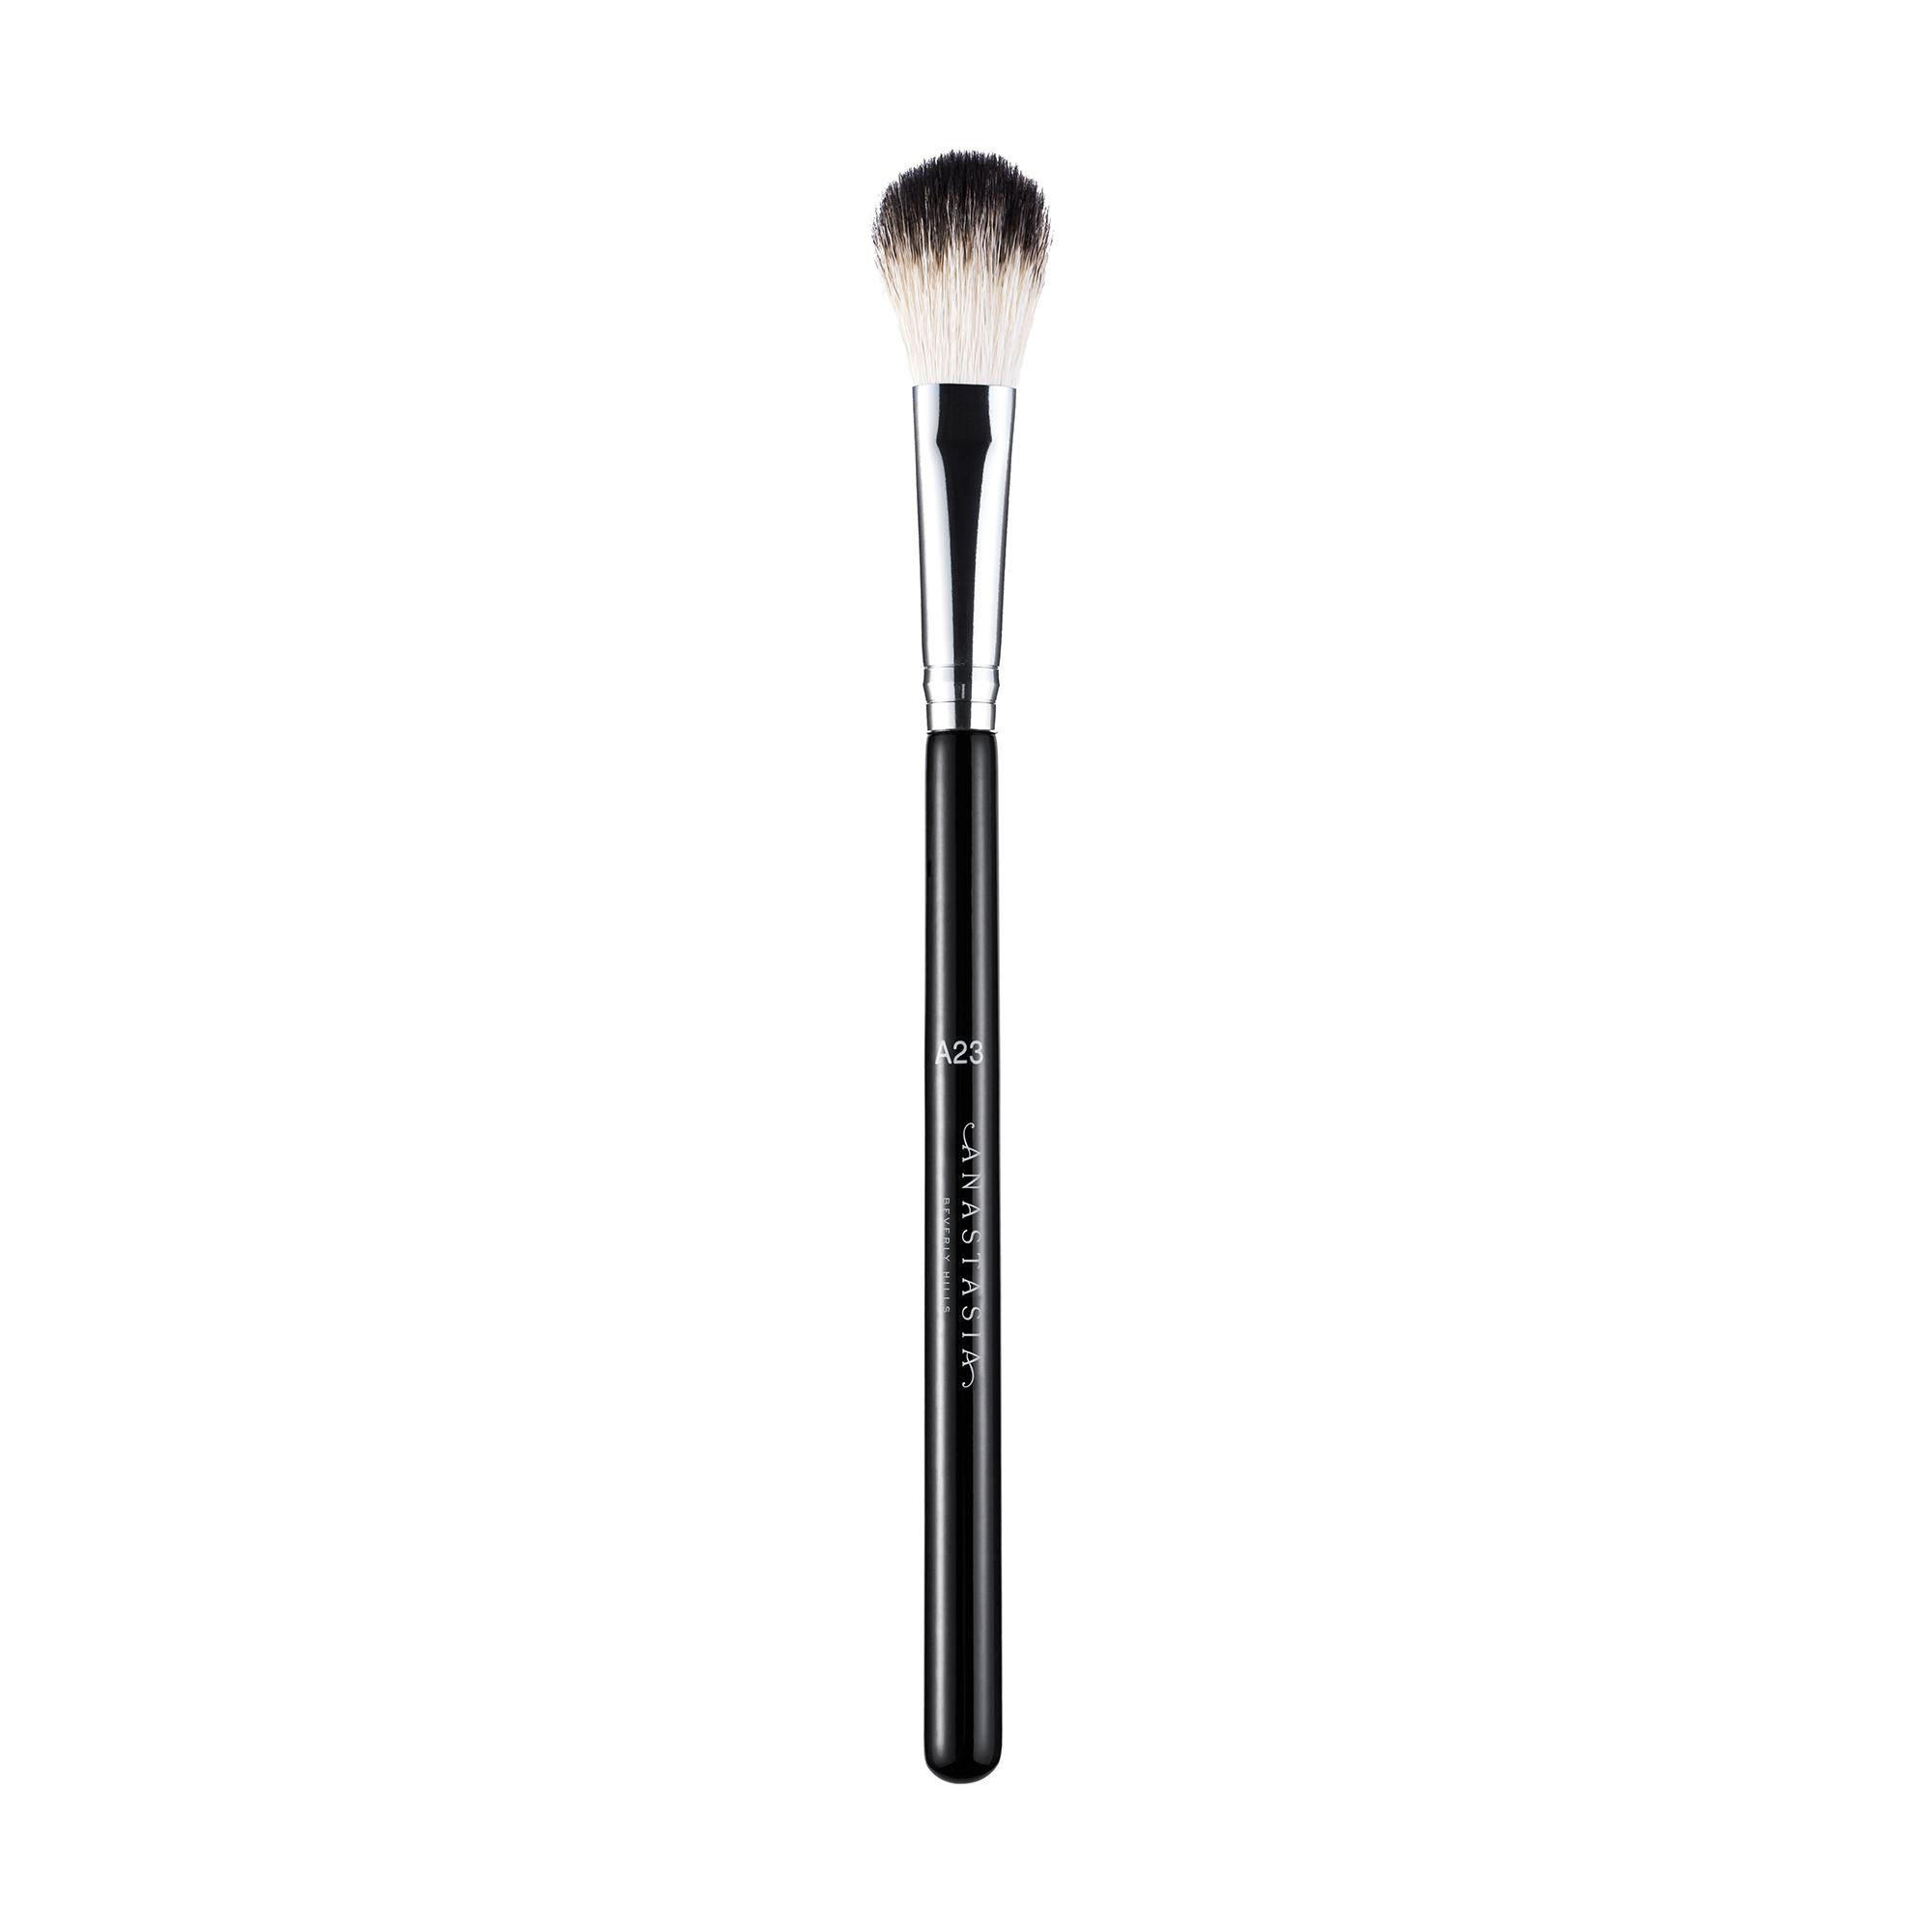 A23 Large Tapered Blending Brush Highlighter Brushes Anastasia